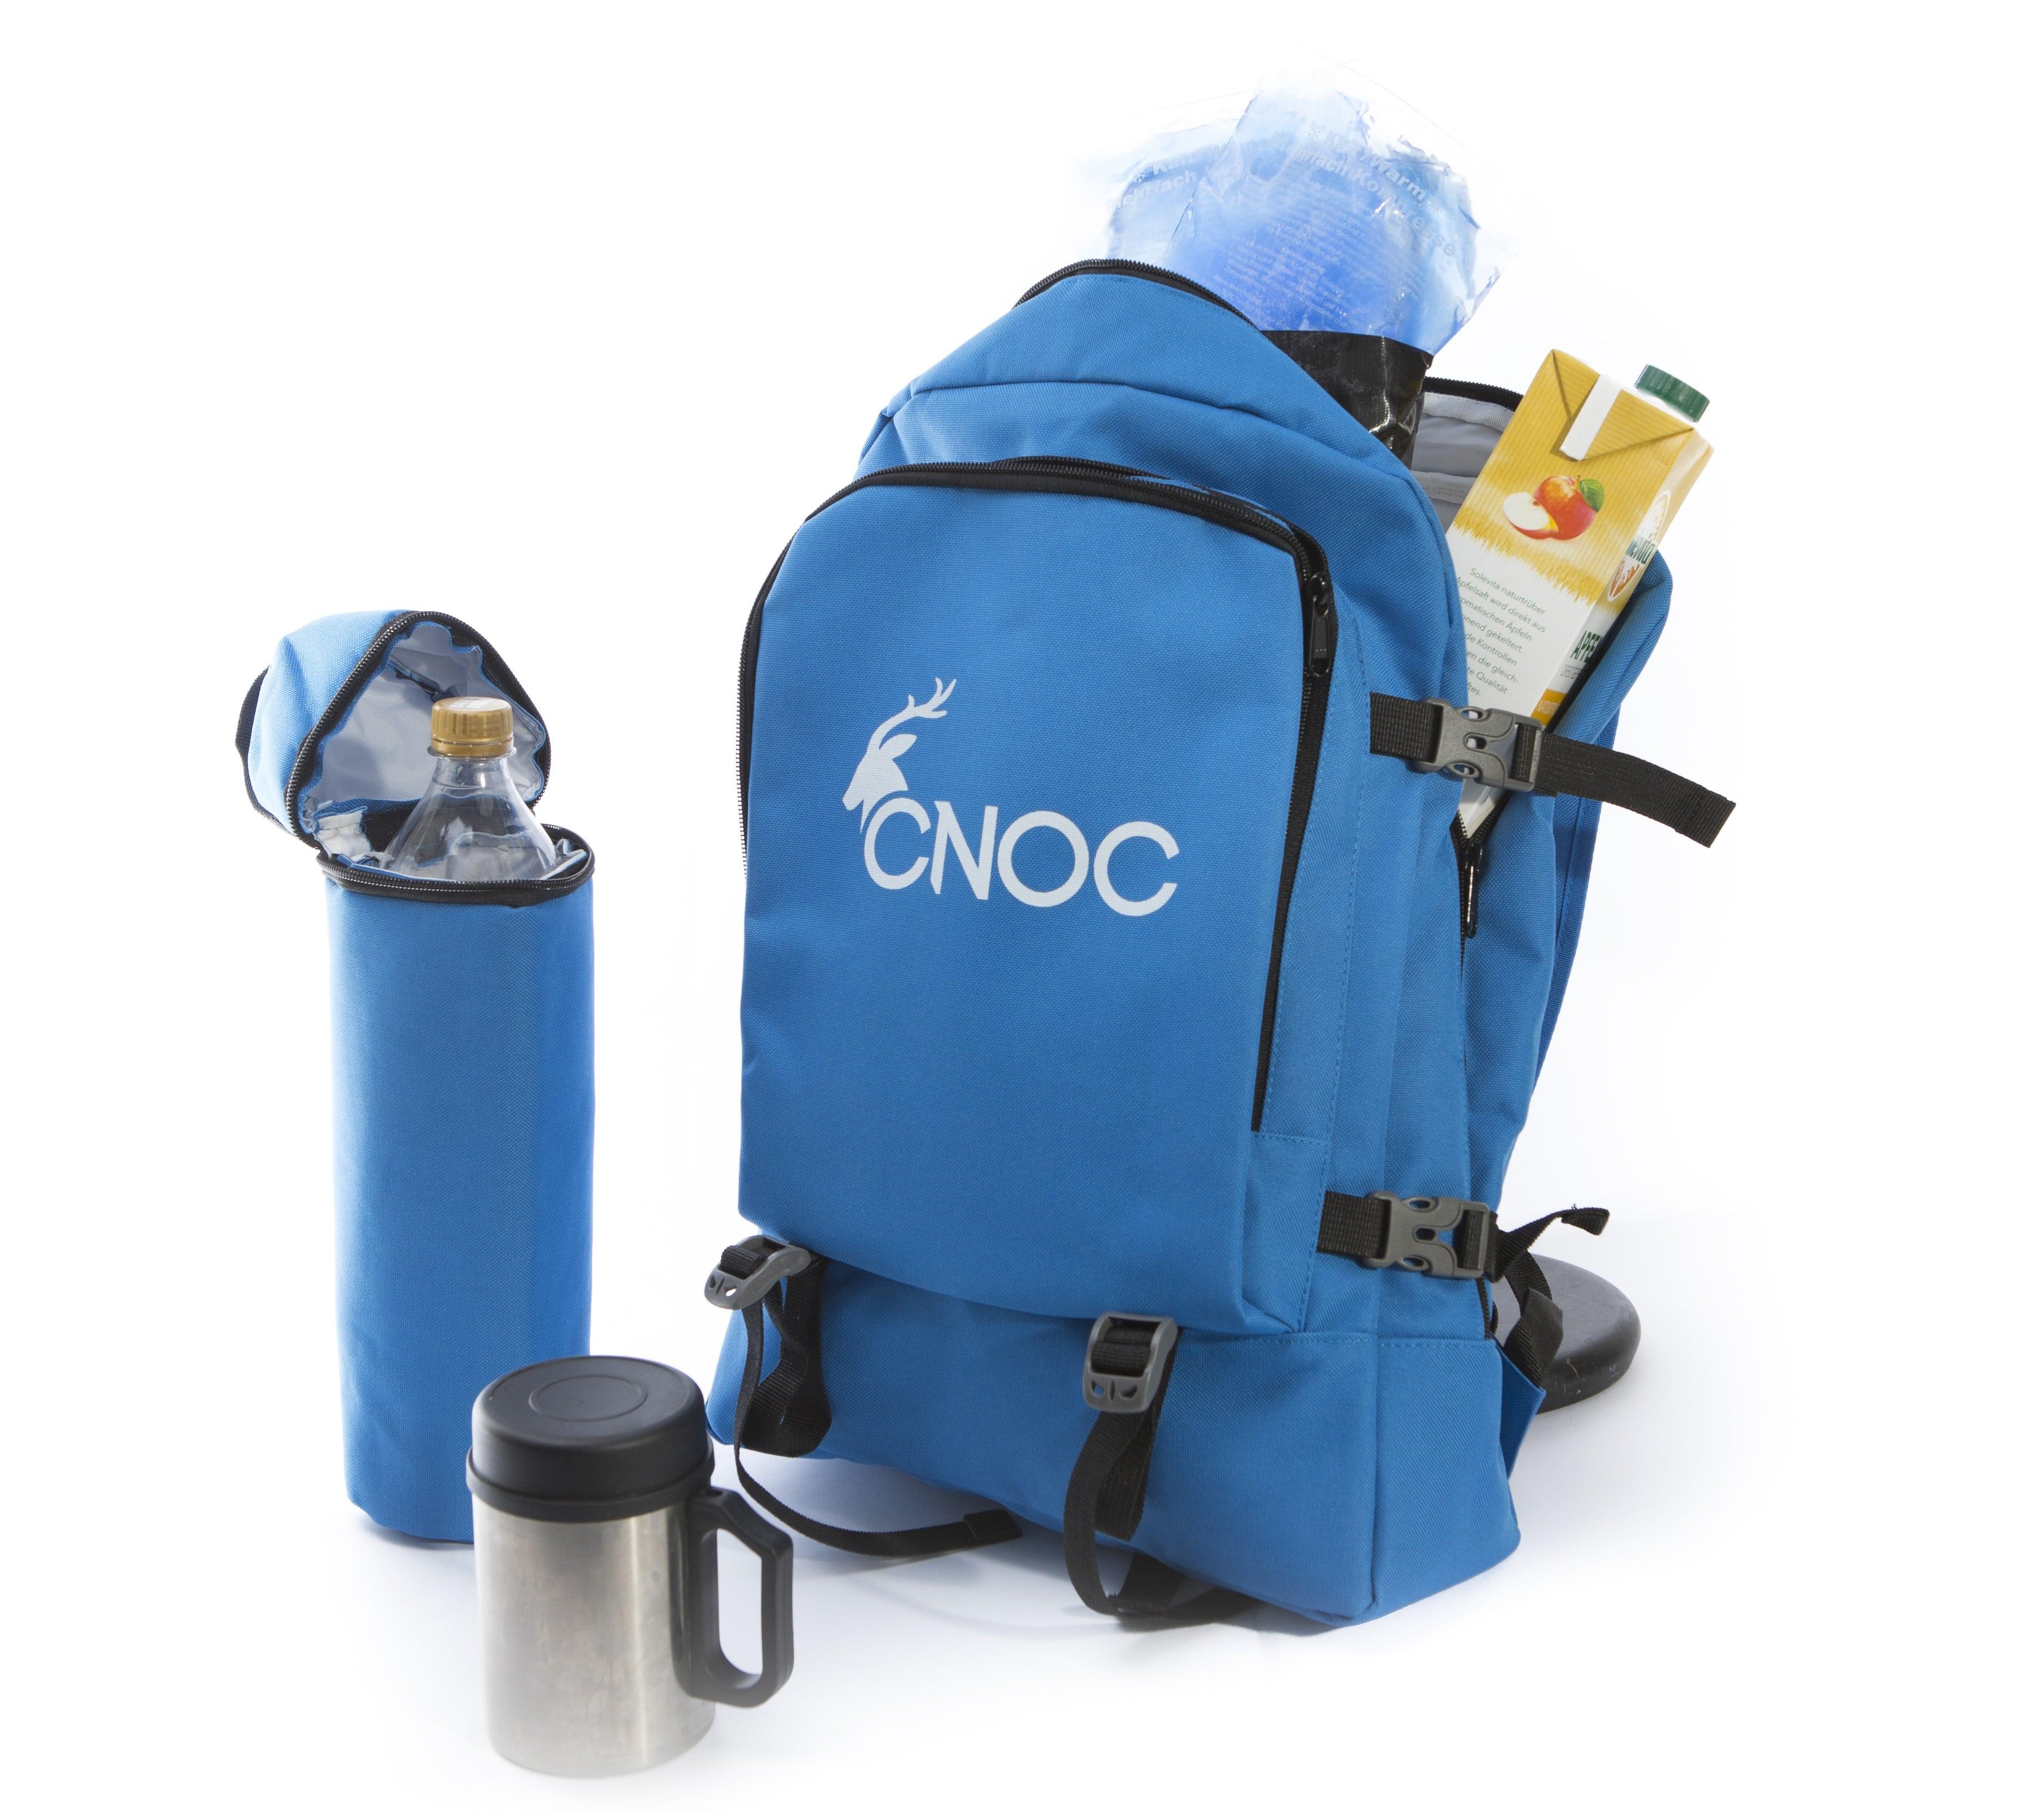 CNOC Wasserdichter Rucksack Test